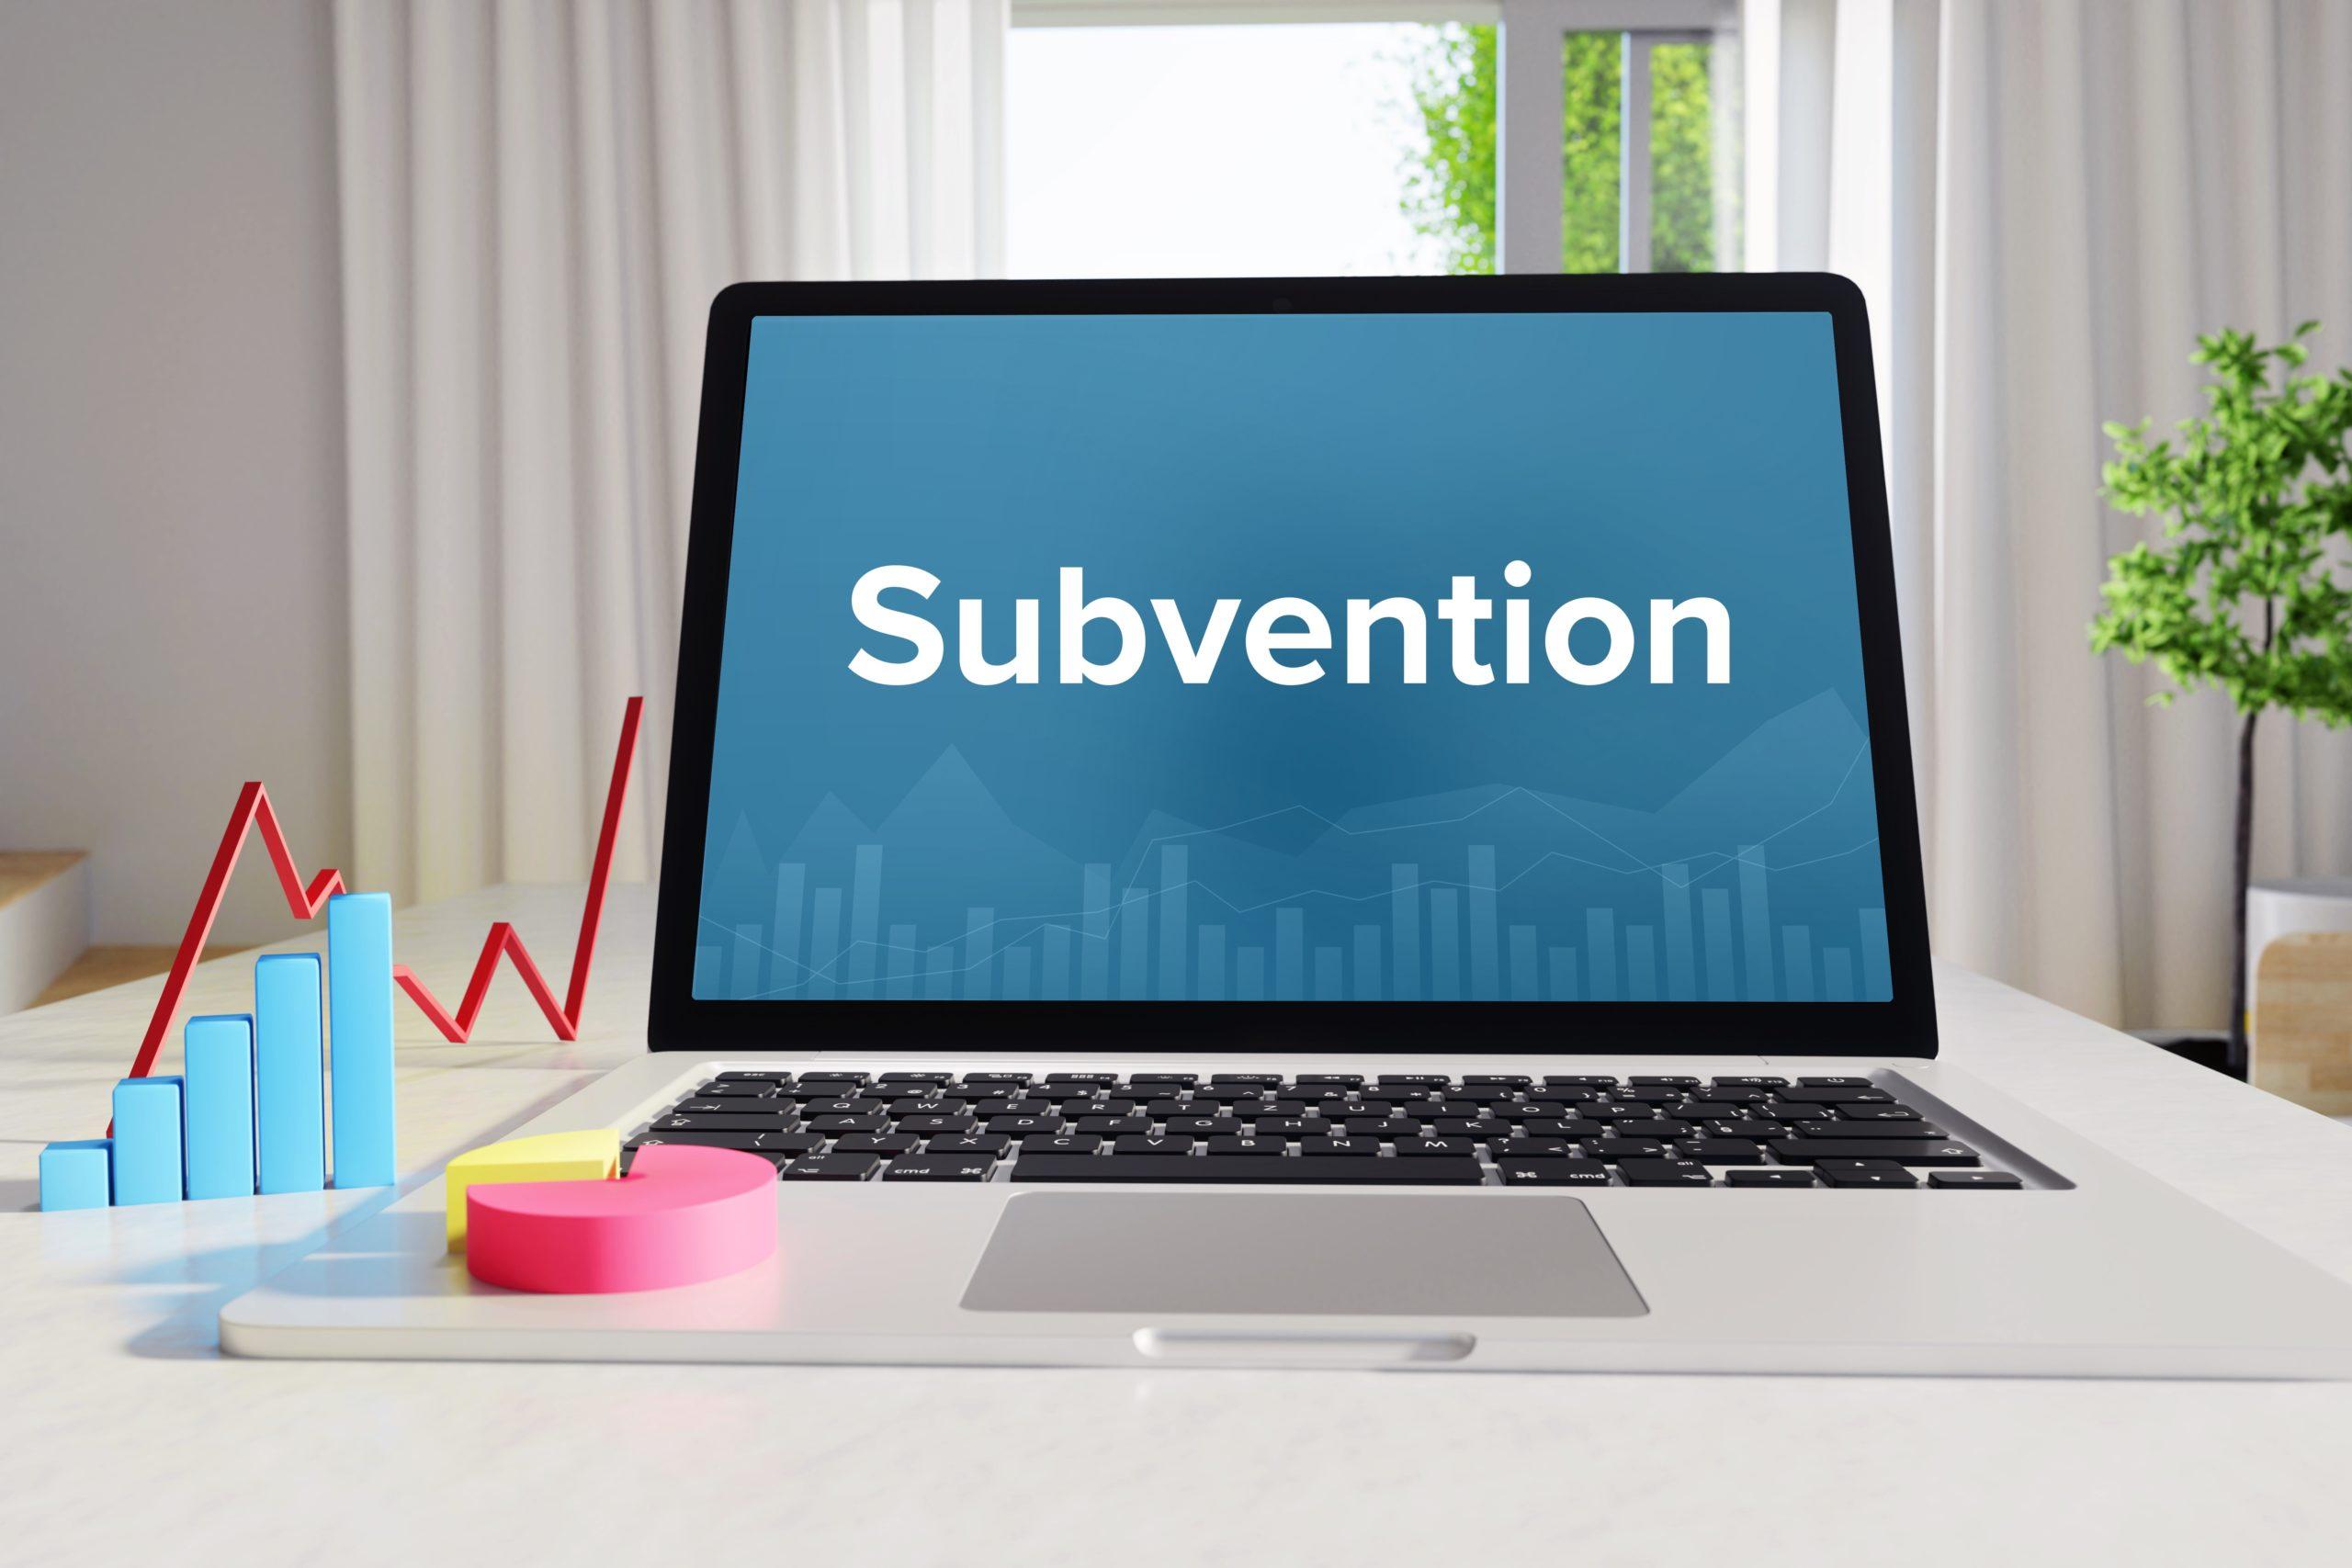 Profitez des subventions pour vos projets de développement numérique